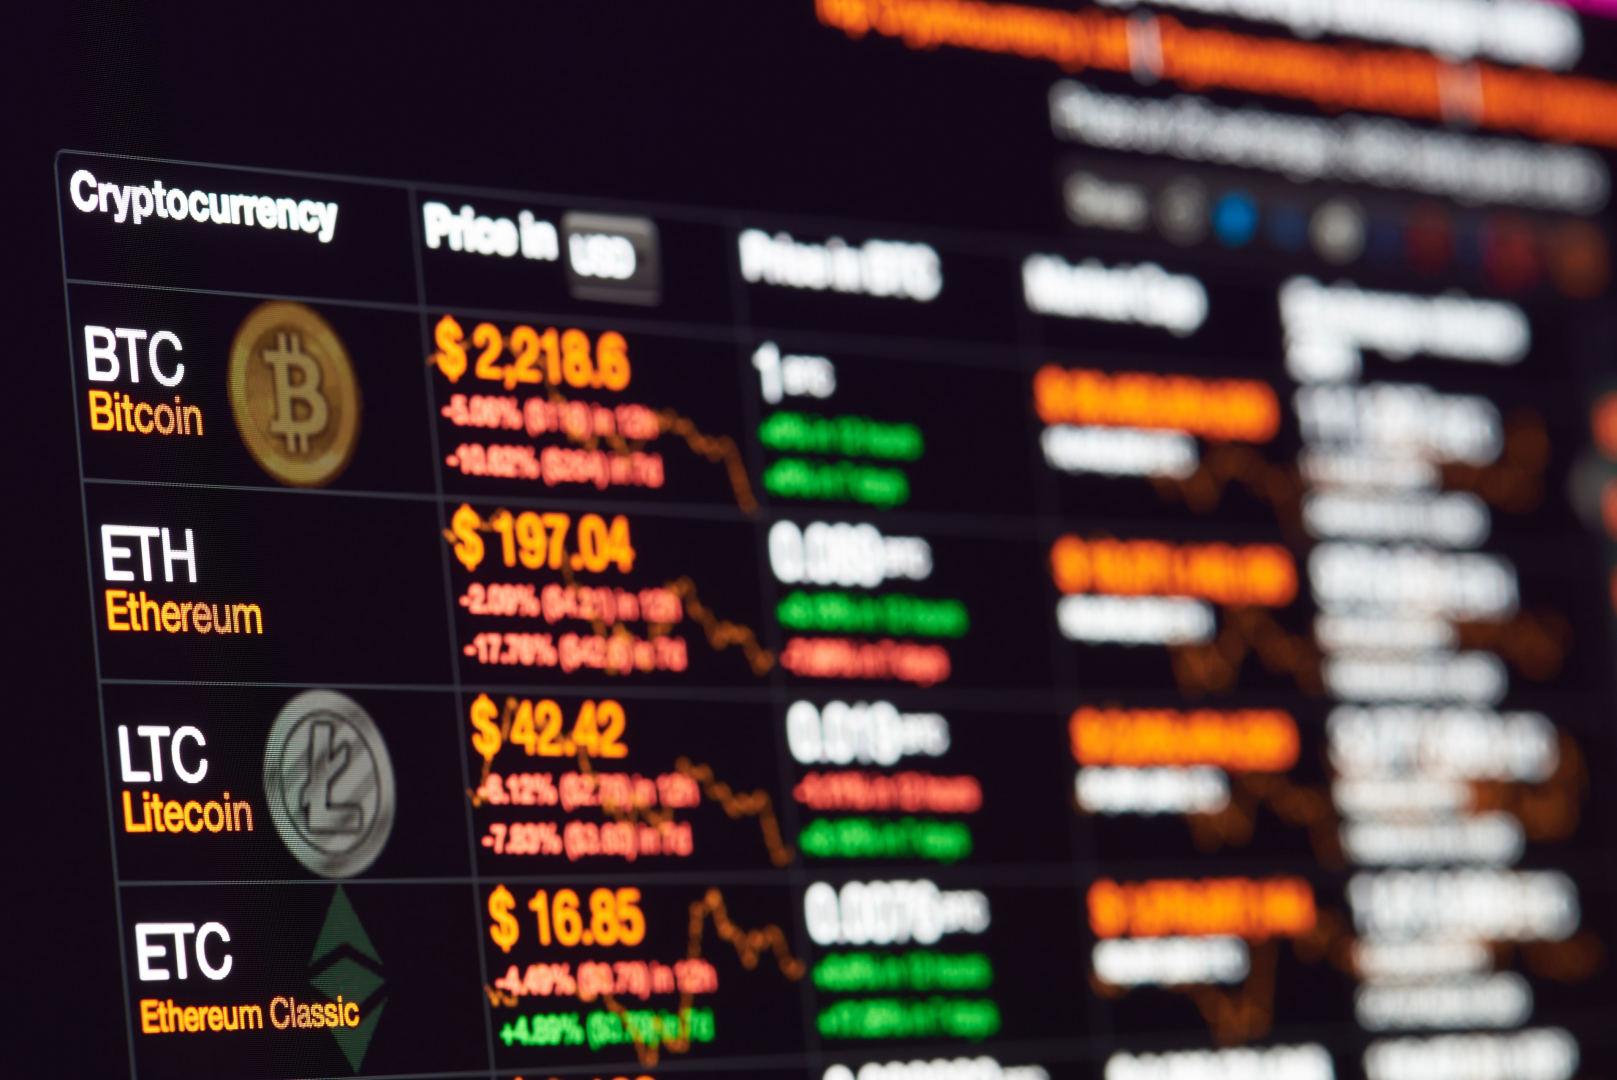 Smeliai > kiek pinigų galiu pradėti prekiauti bitkoinais geriausia prekyba internetu m